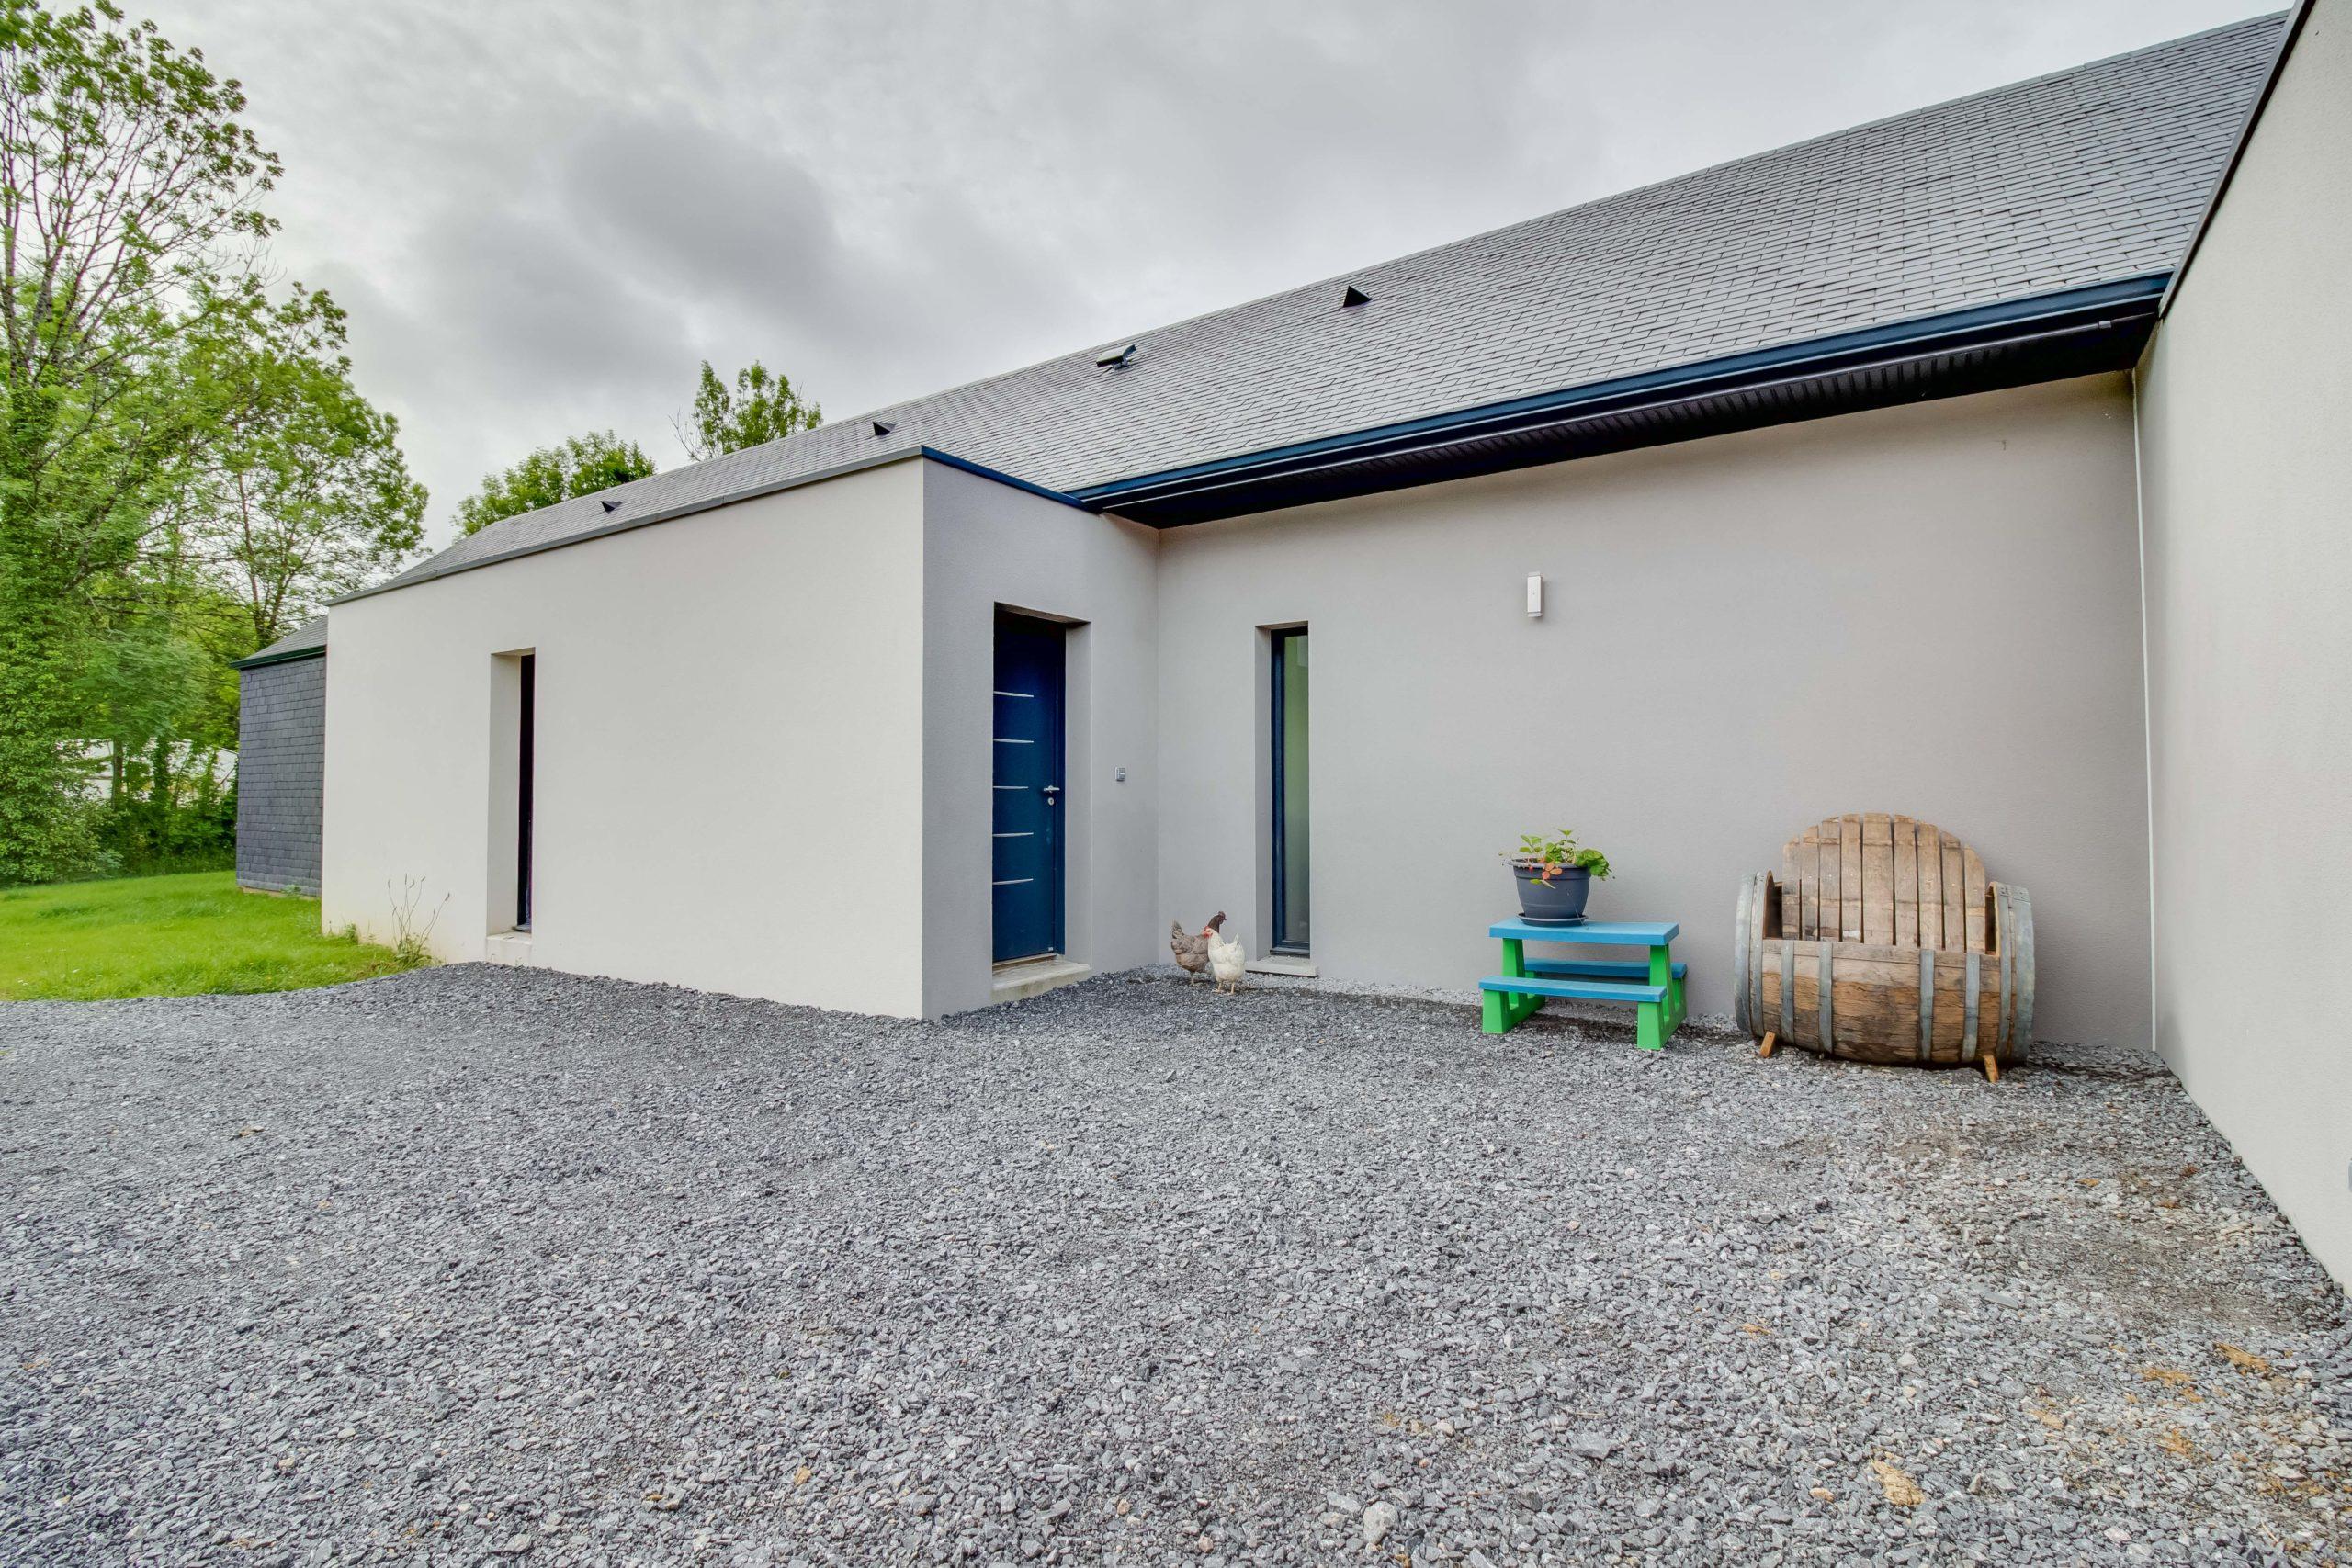 Atelier-Plurielles-architectures-construction-maison-Bearn-porte entrée